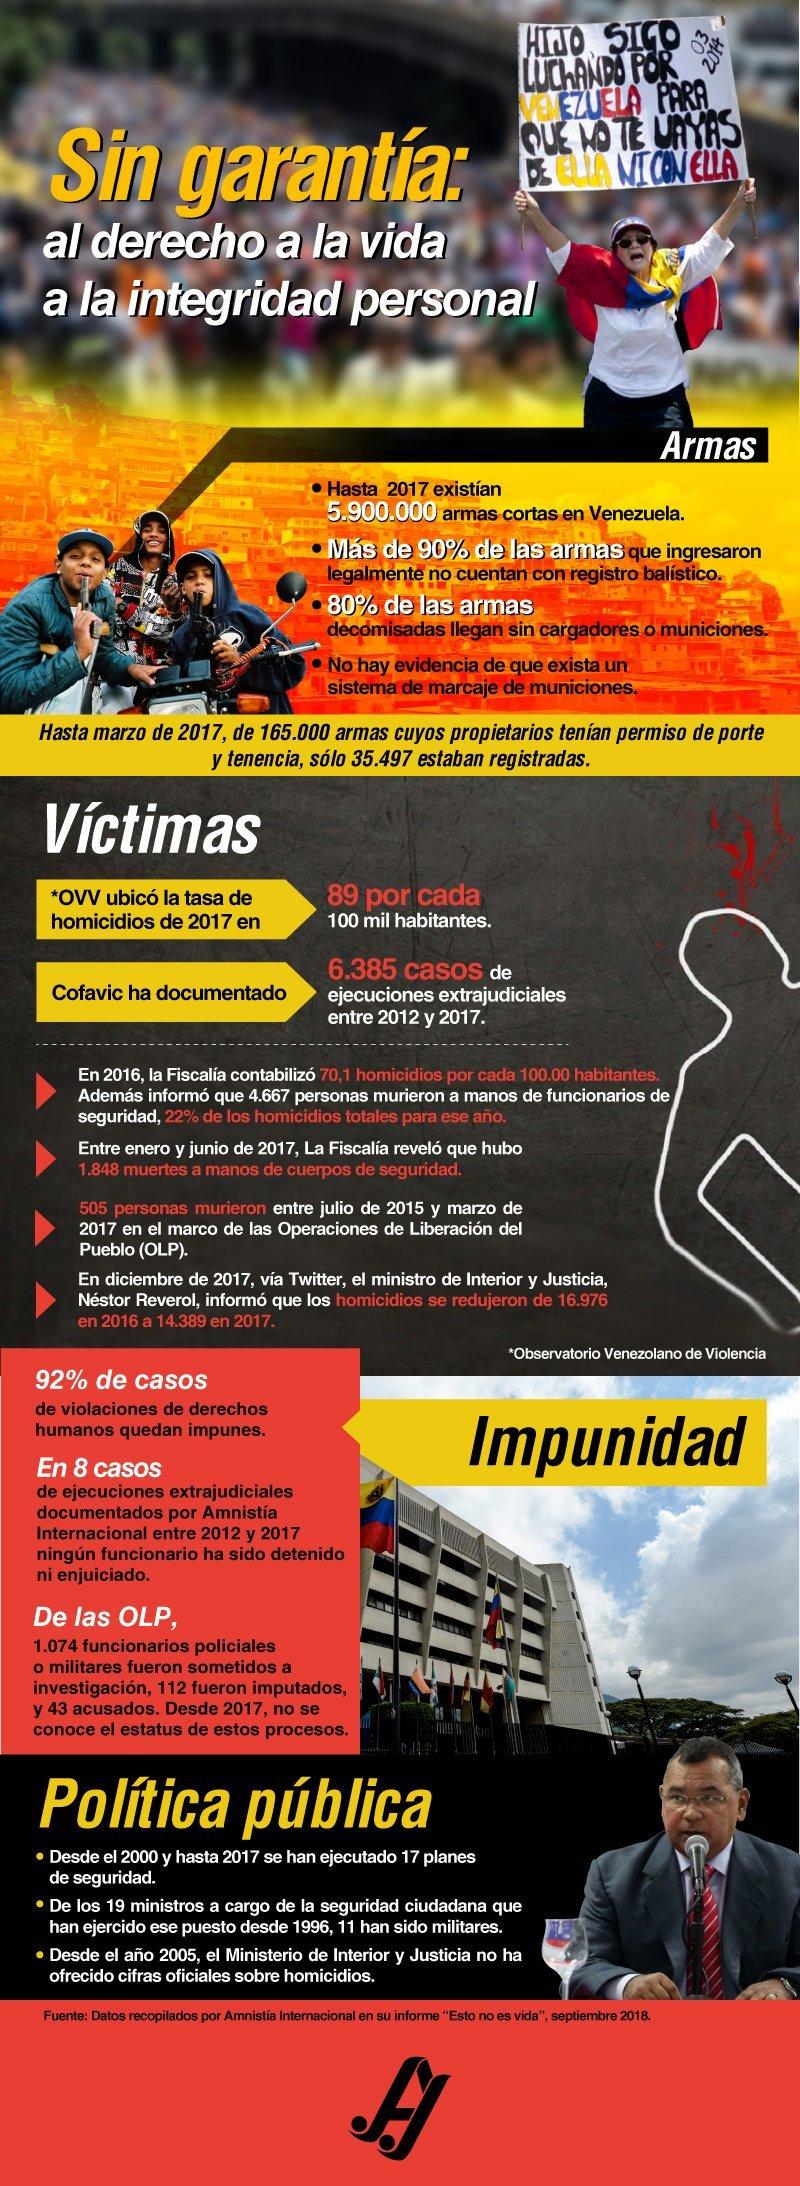 Las cifras de la violencia en Venezuela según Amnistía